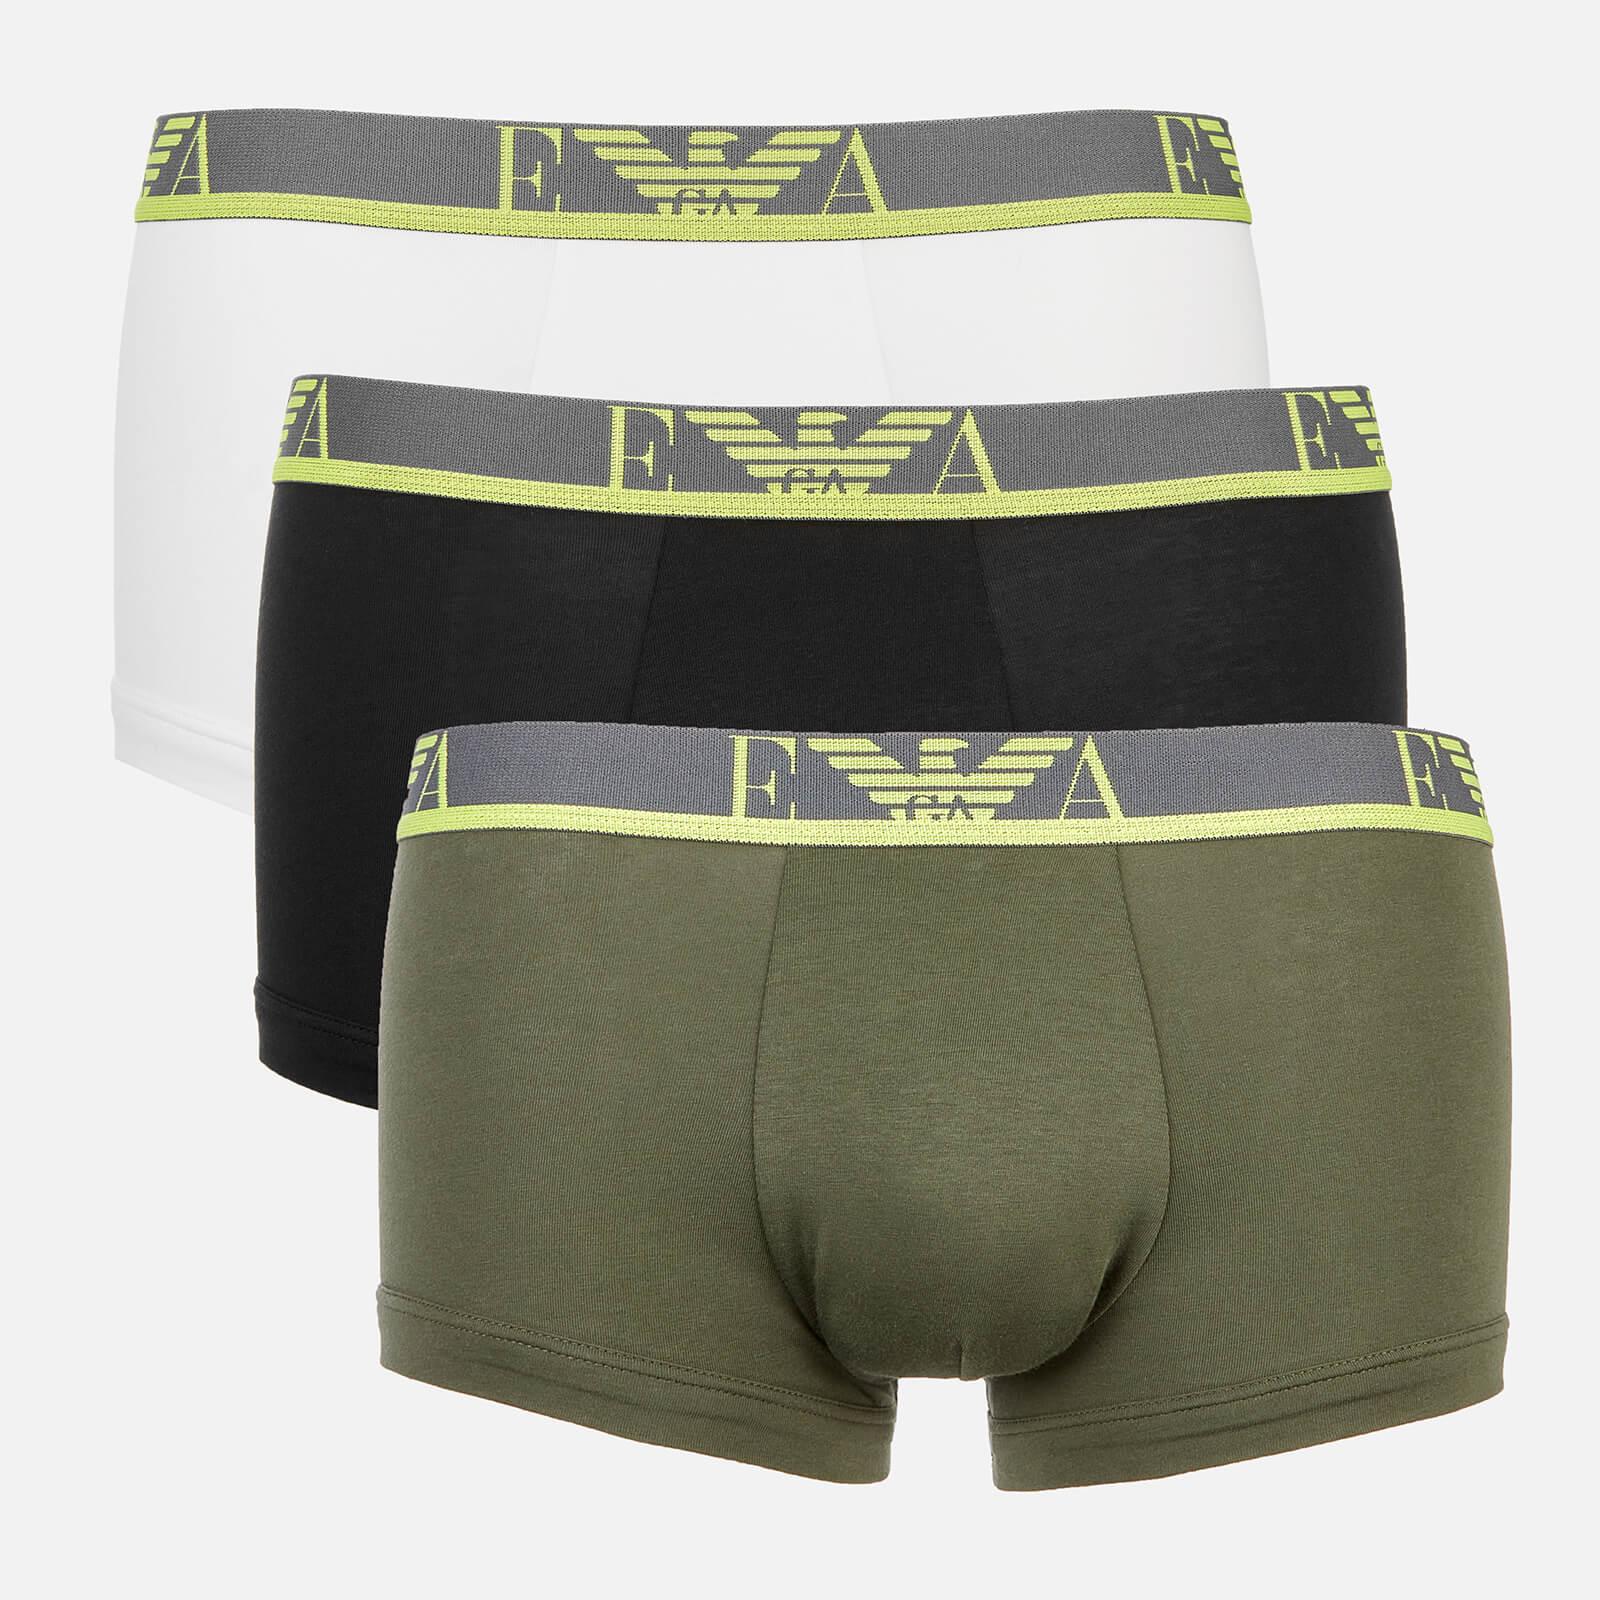 Emporio Armani Men's Monogram 3-Pack Trunks - Green/White/Black - S